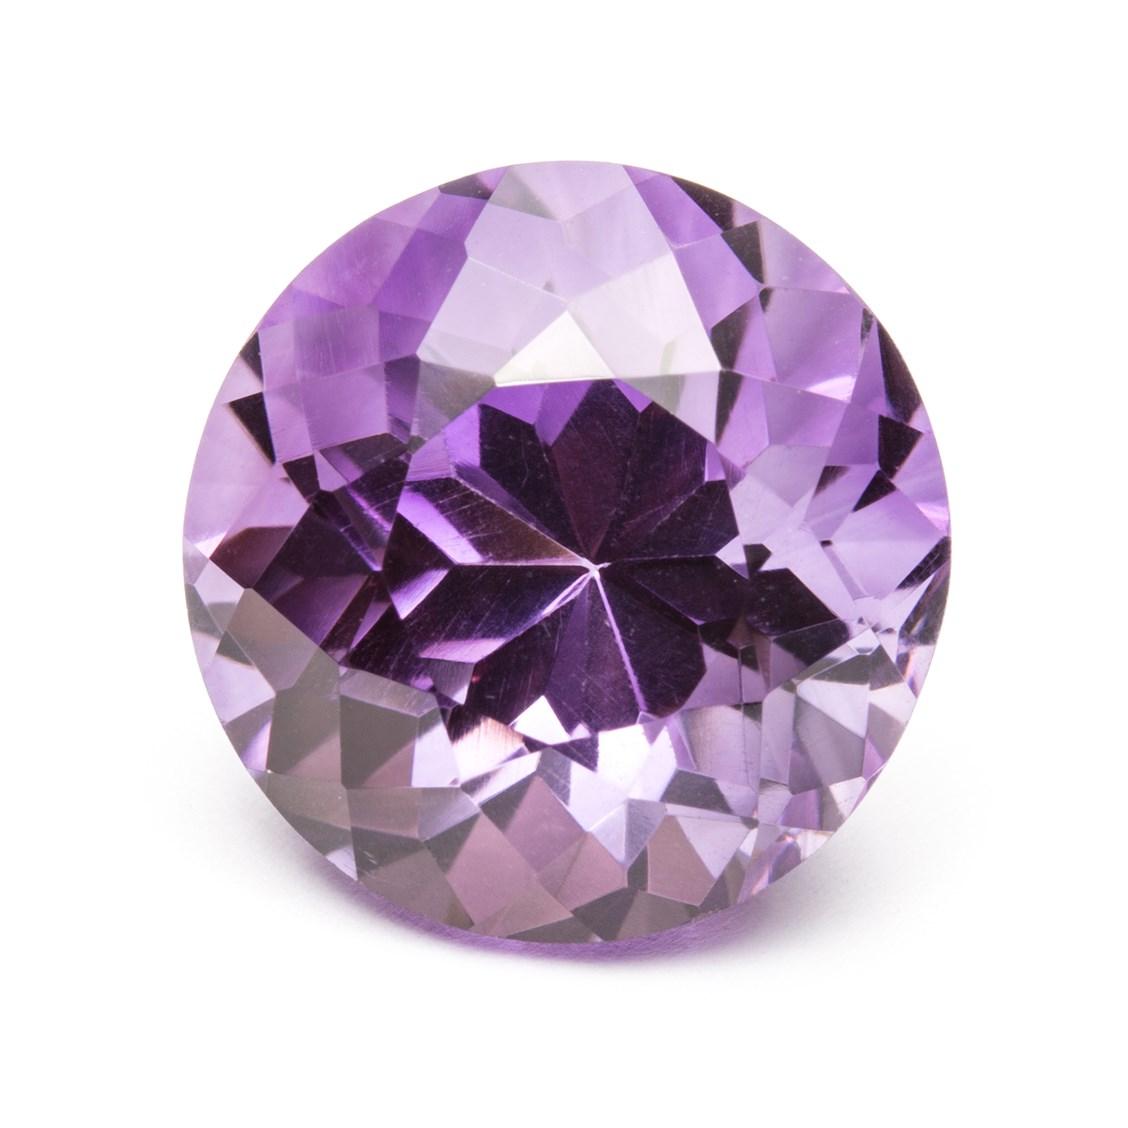 amethyst gemstone - photo #34